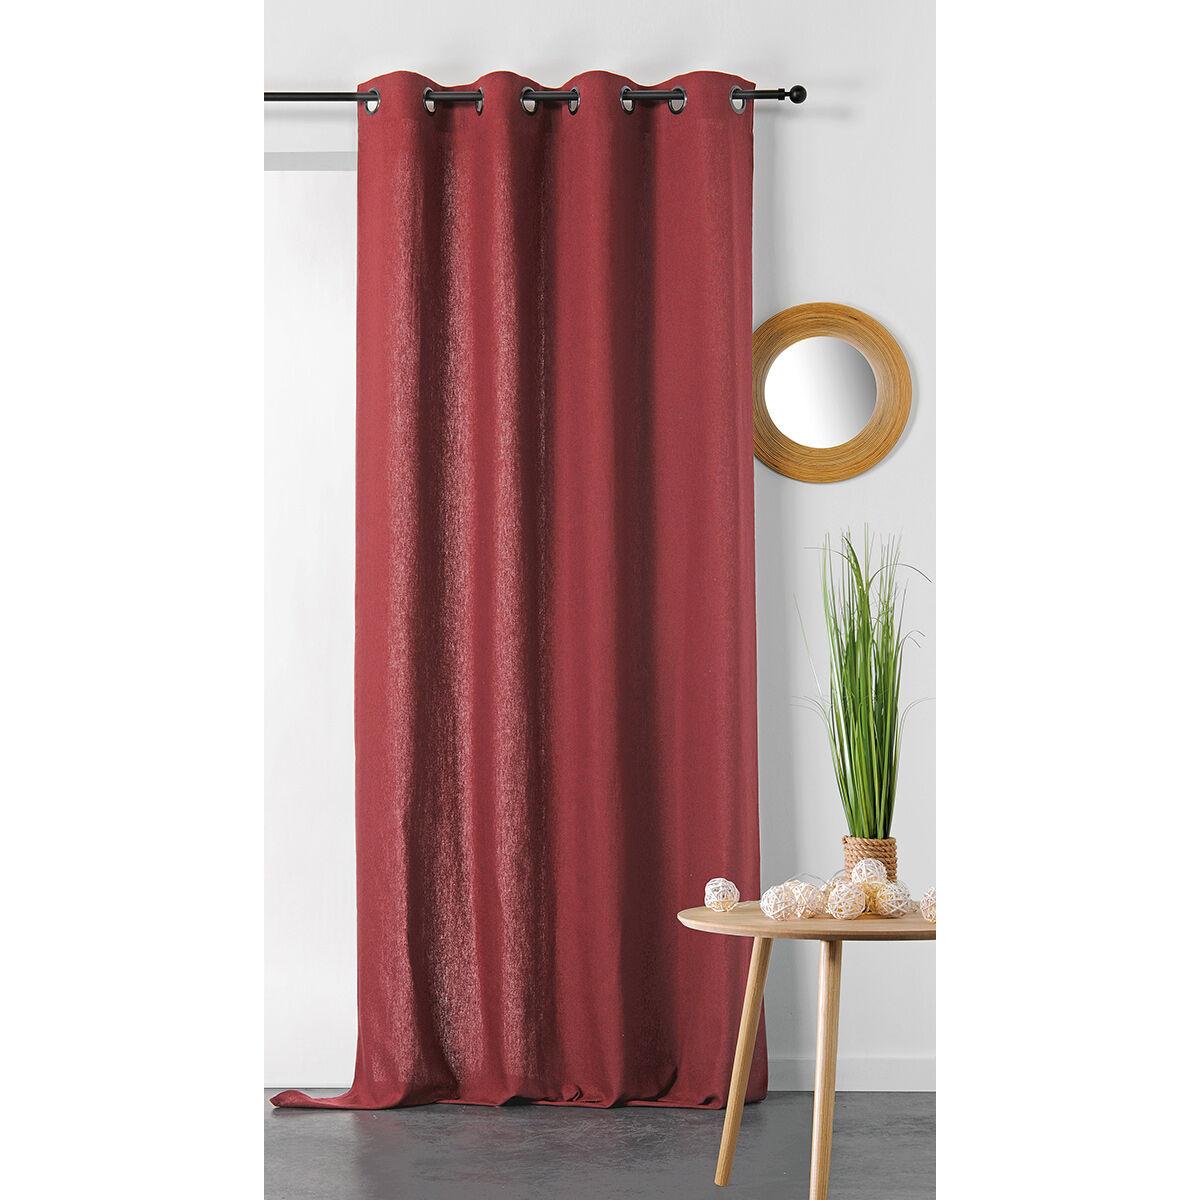 Linder Rideau en coton et chanvre coton rouge 240x135